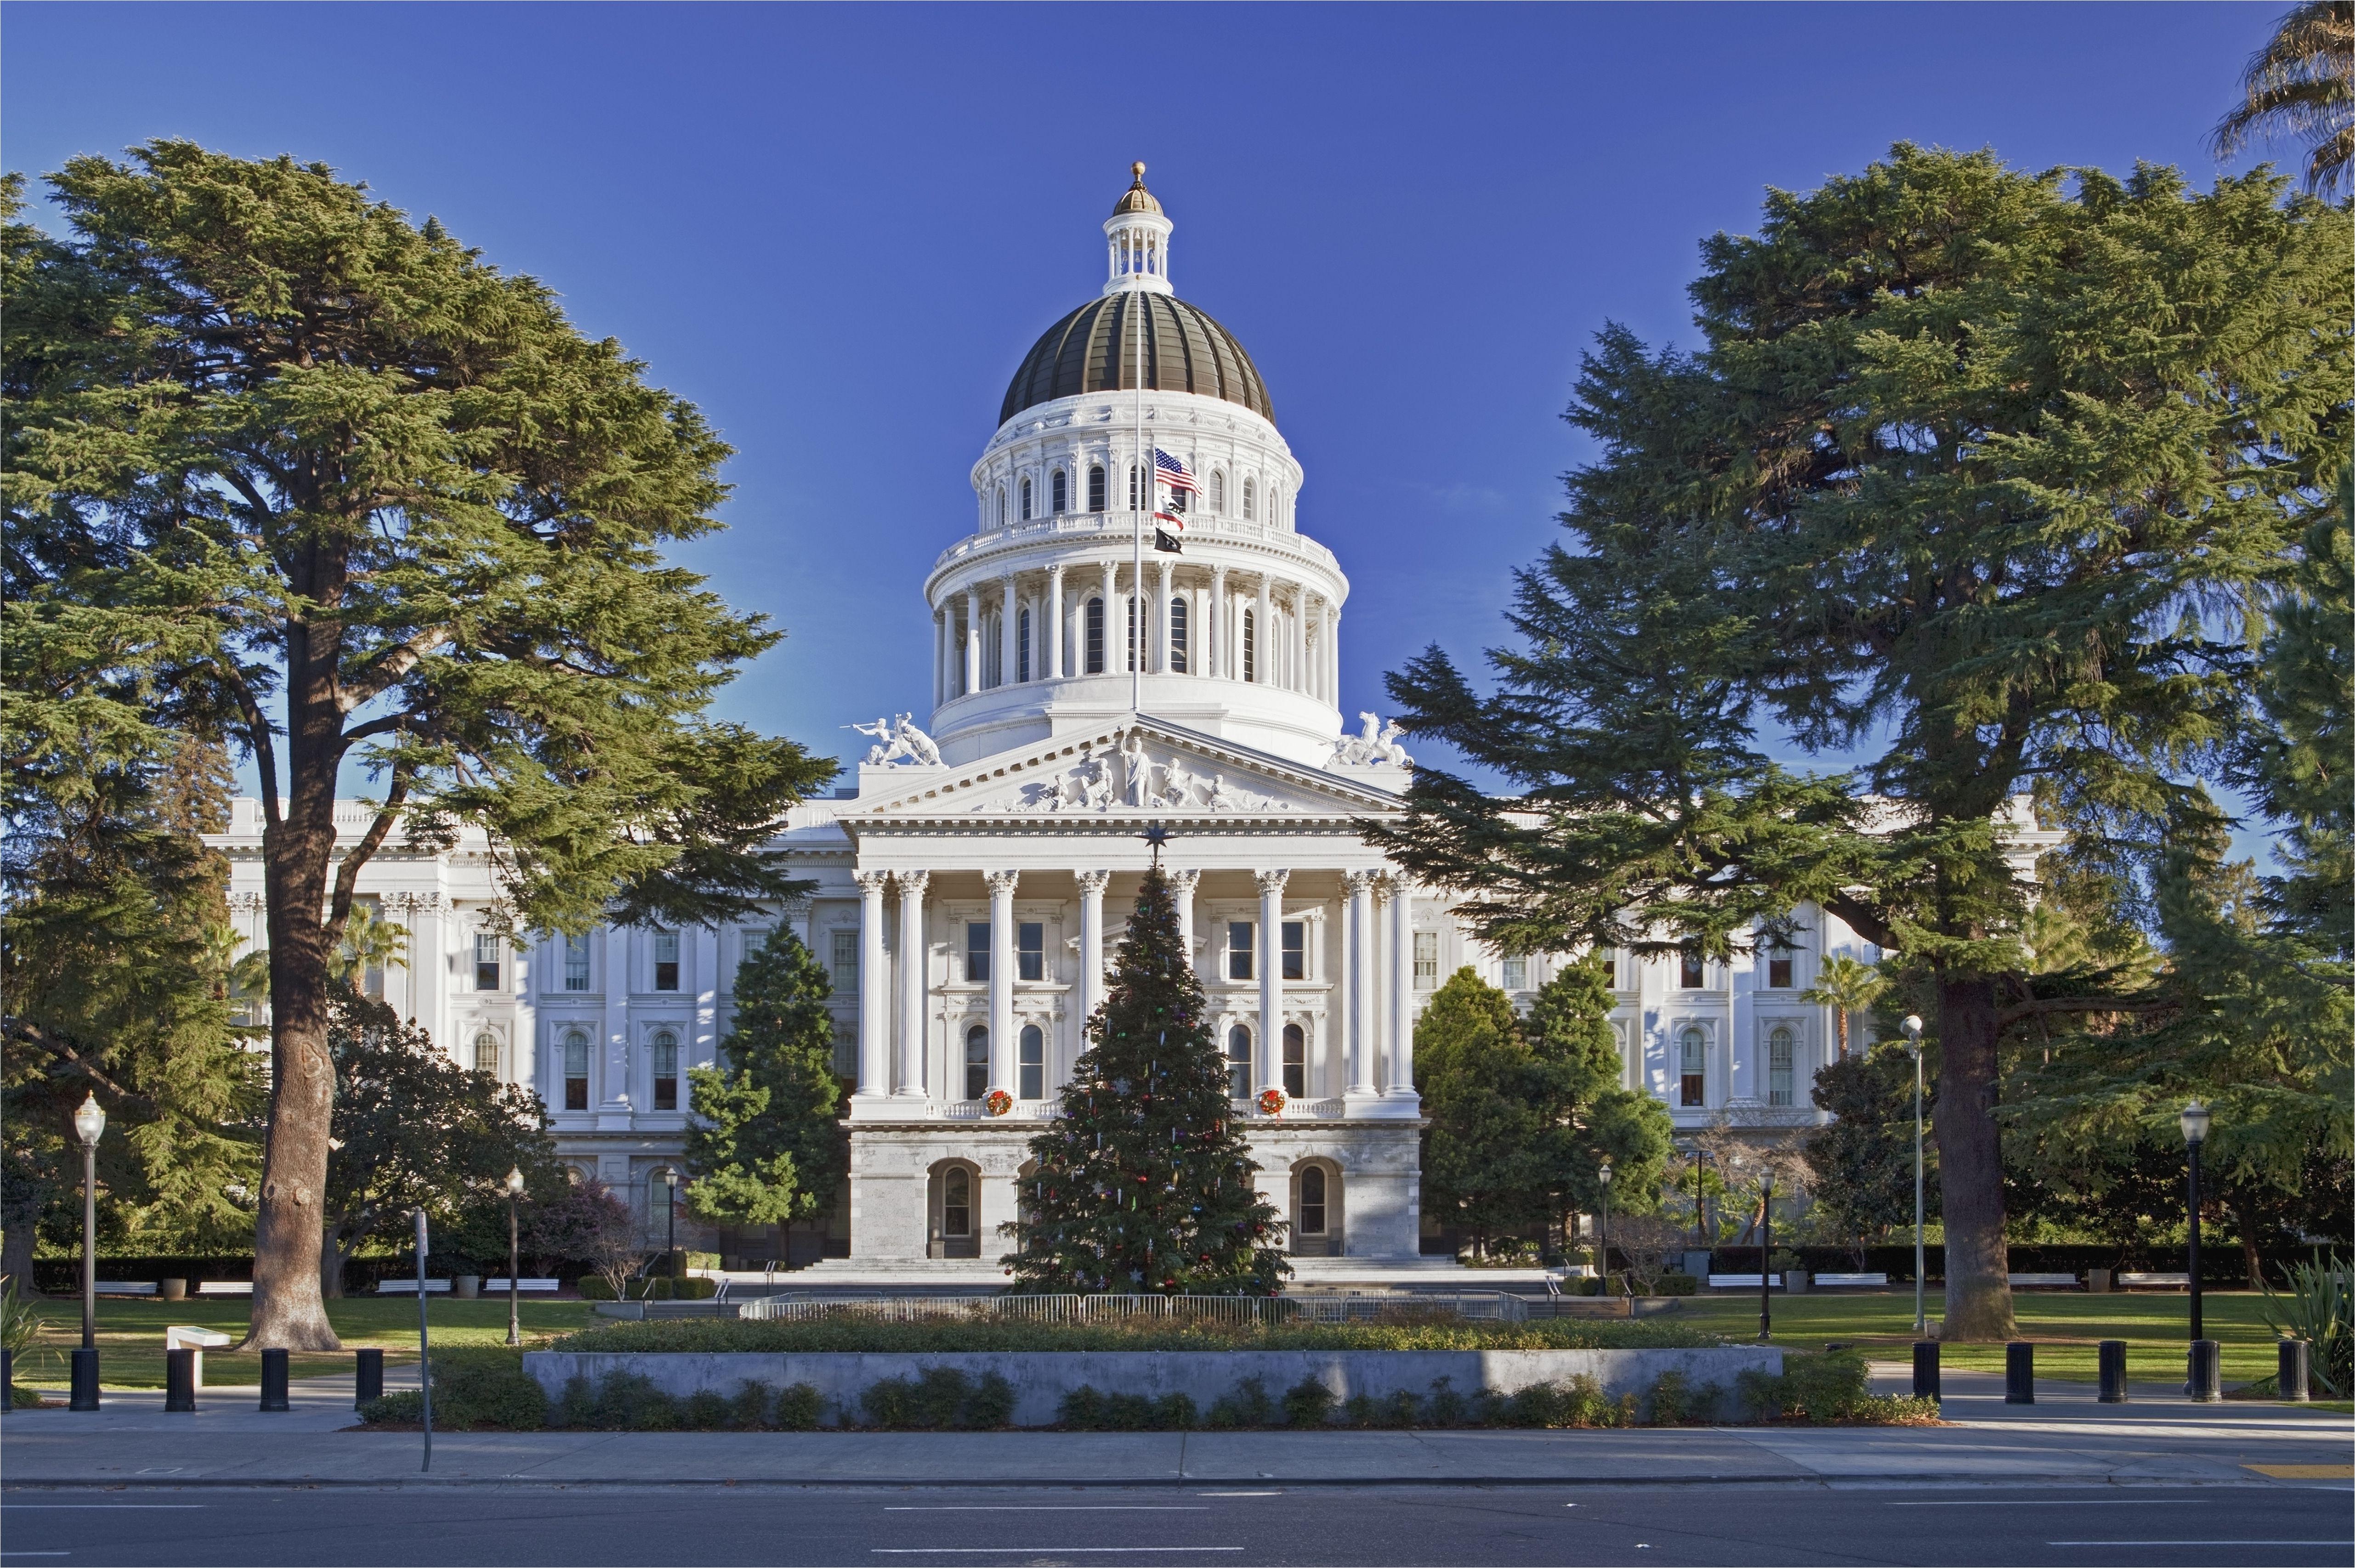 usa california sacramento california state capitol building 150973190 5970e9f4d088c00010e8af43 jpg